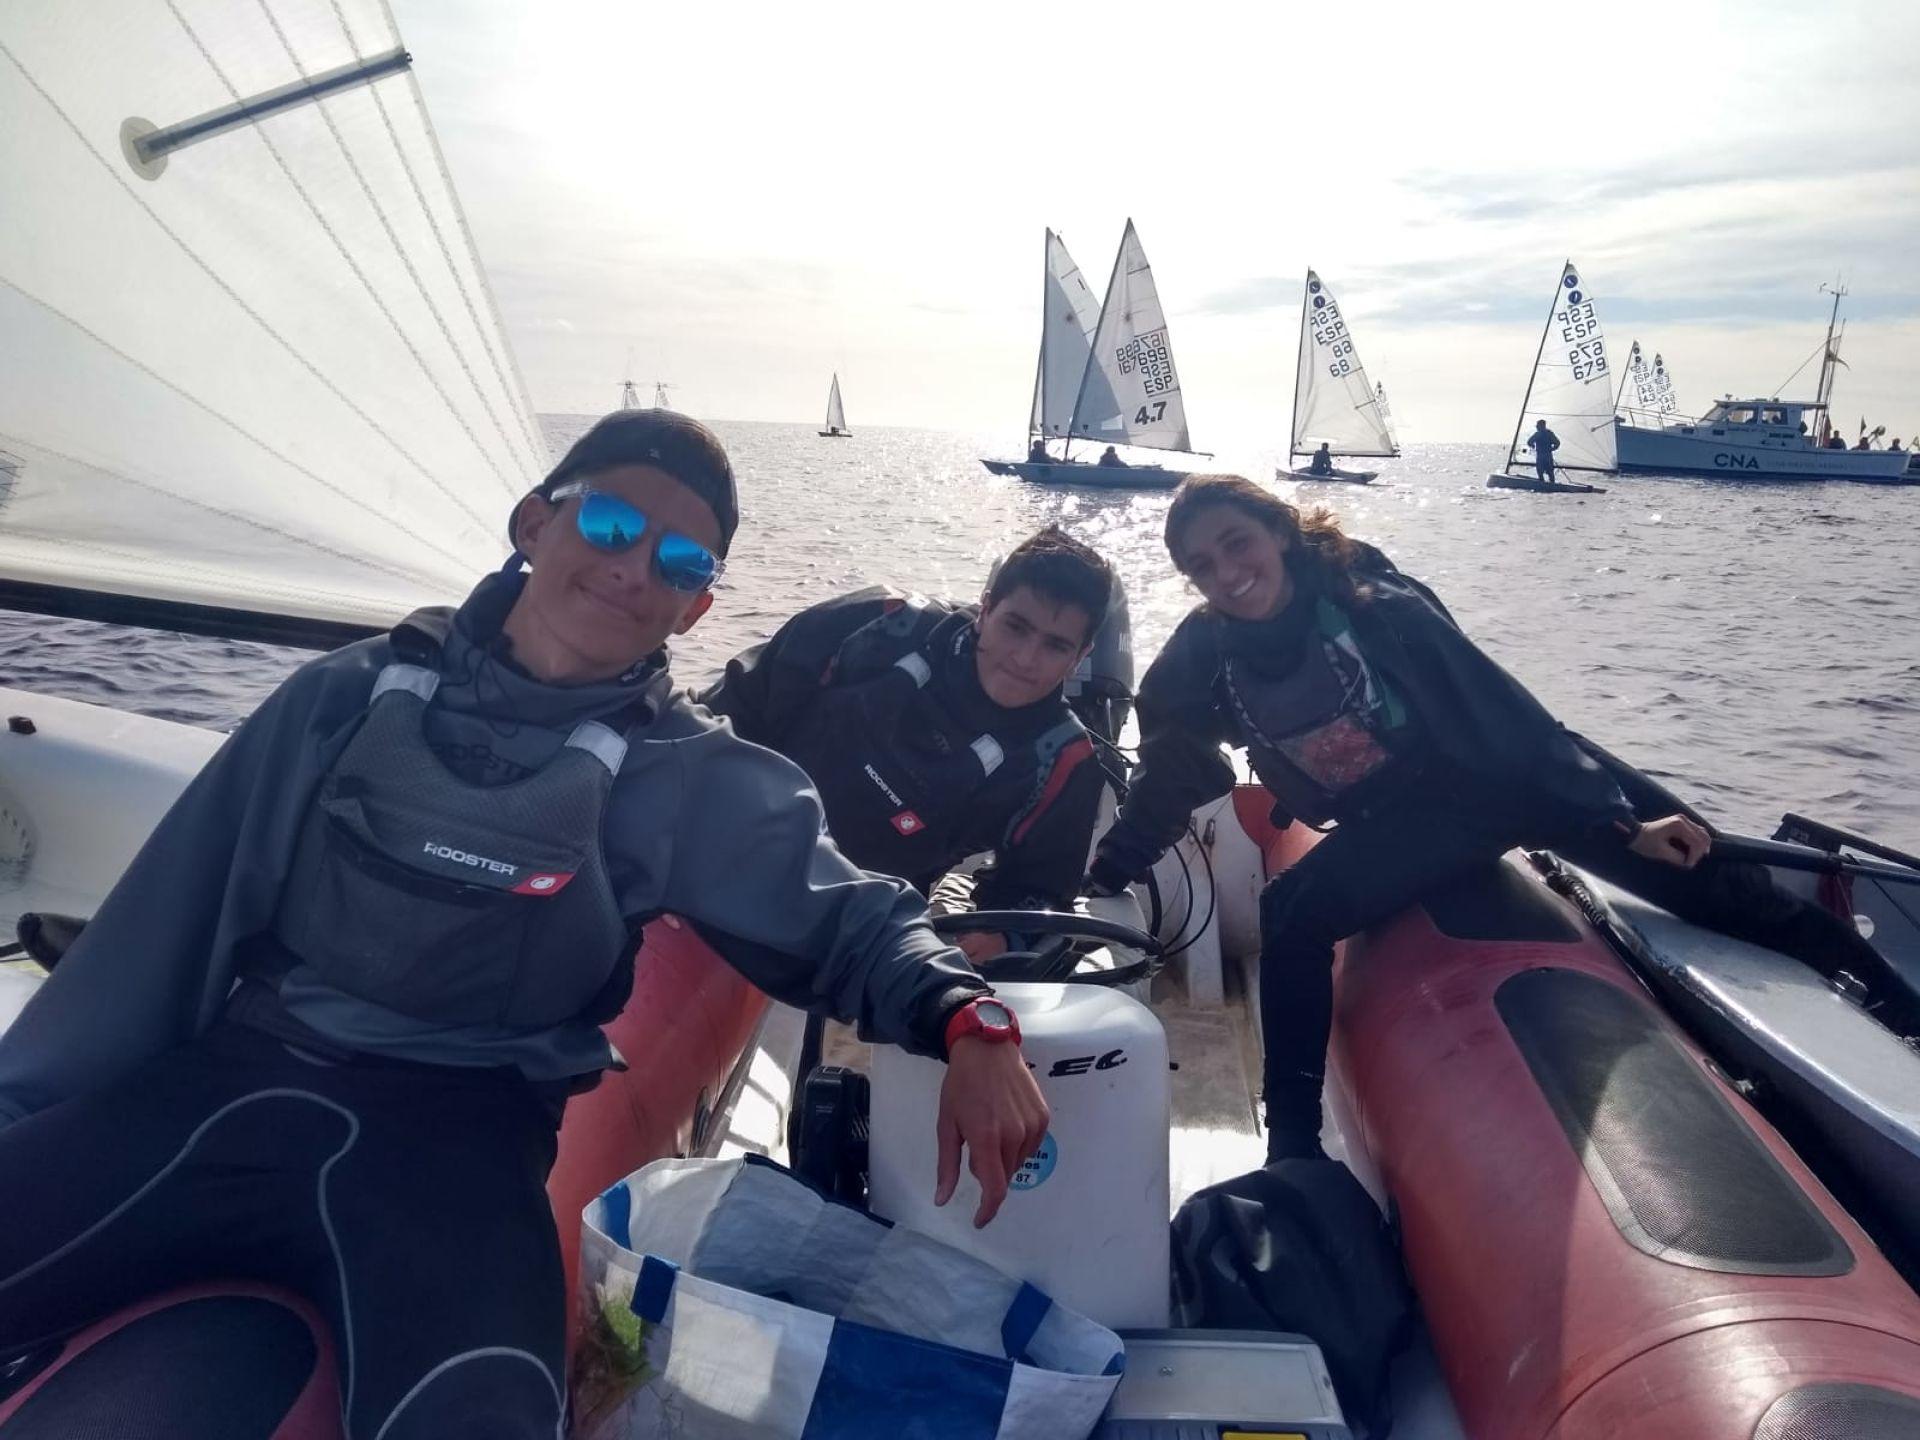 l'expedició blanenca de la classe Europa al 68 Trofeu Ciutat de Palma